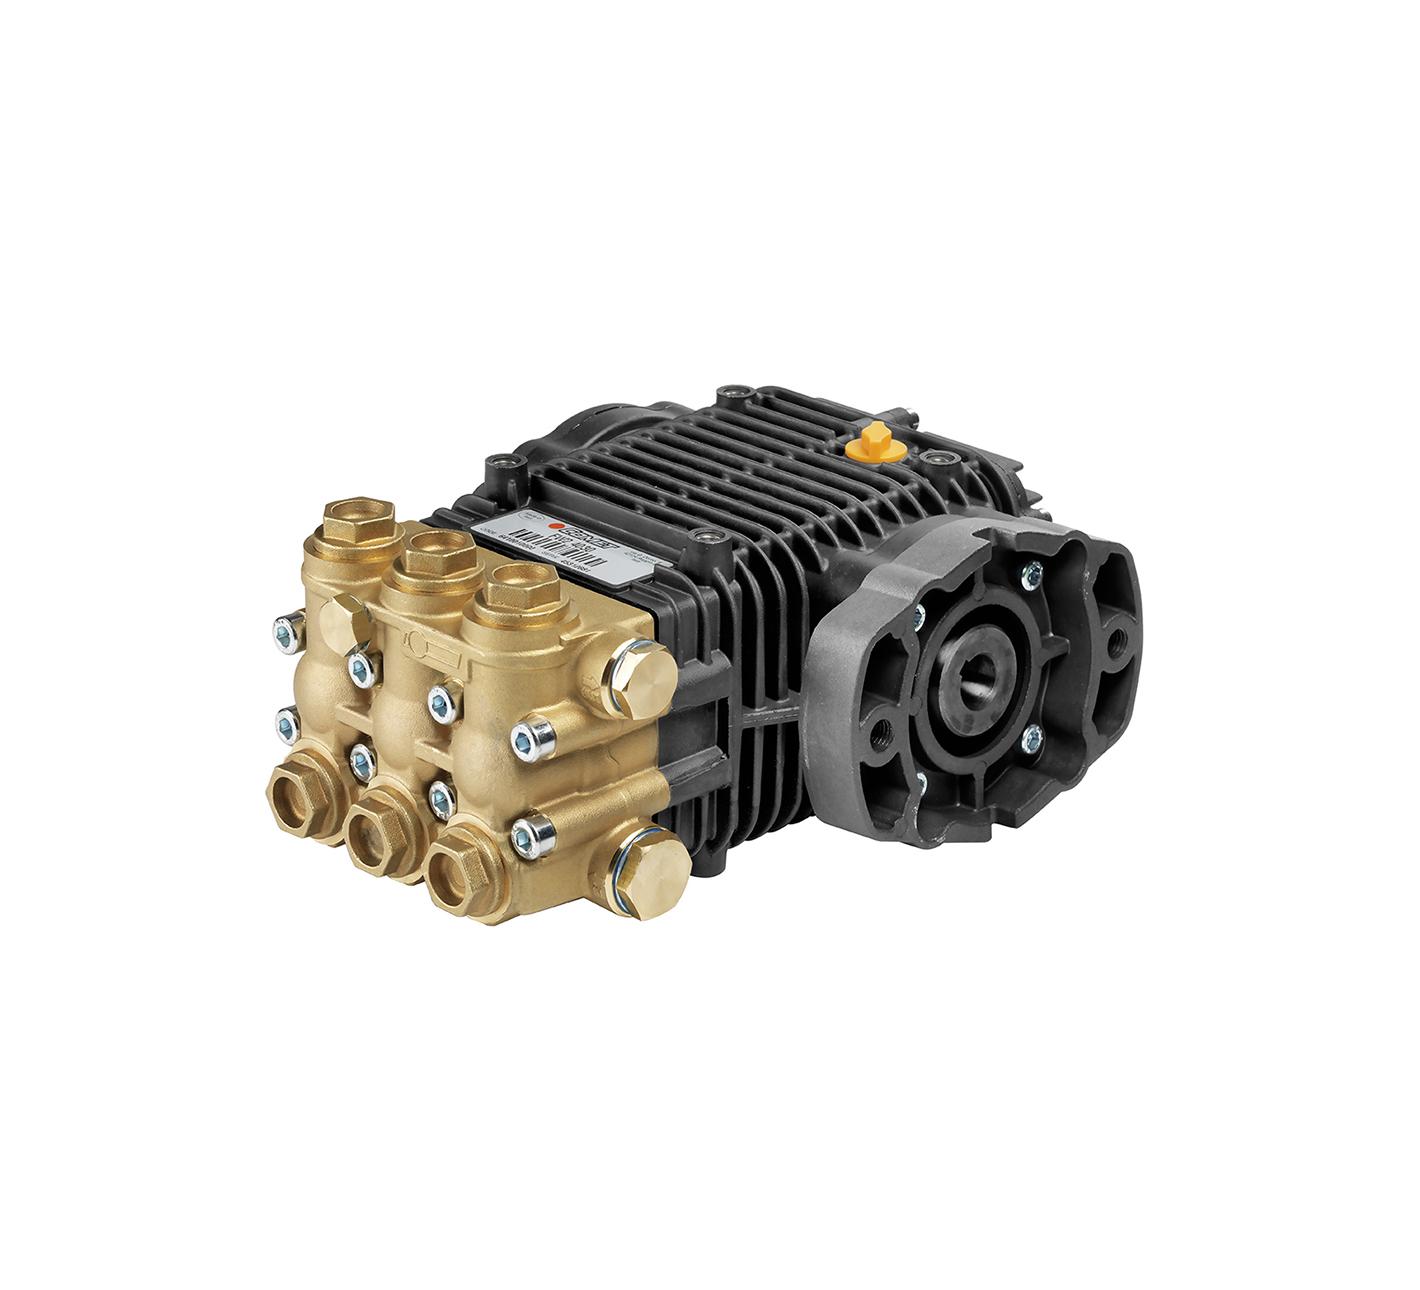 FW2 H 5-8 Comet Industrial Pumps